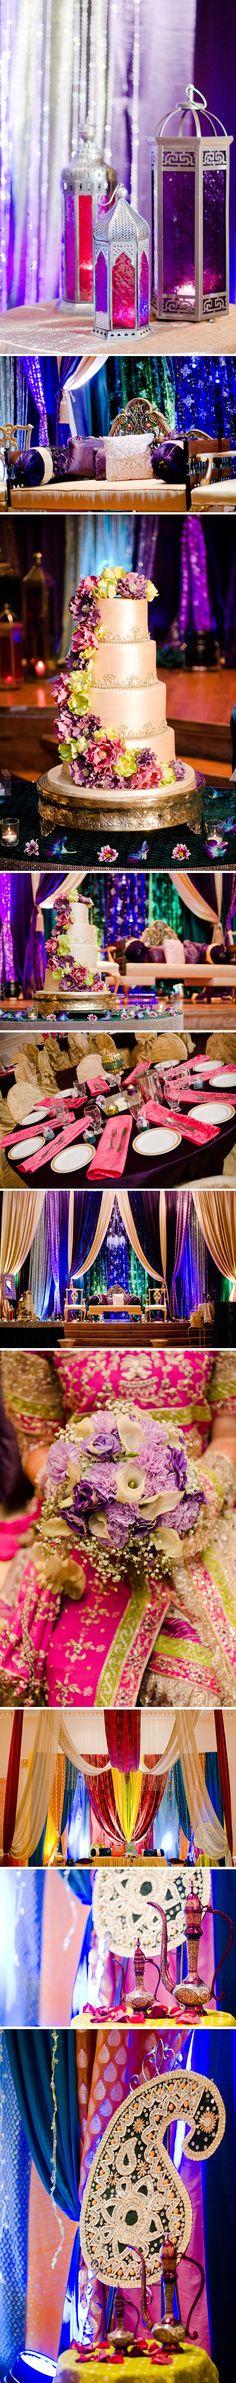 Alexandria, VA Indian Wedding by MnMfoto Desi Wedding, Wedding Stage, Our Wedding, Indian Wedding Decorations, Wedding Themes, Indian Weddings, Wedding Colors, Estilo India, Moroccan Wedding